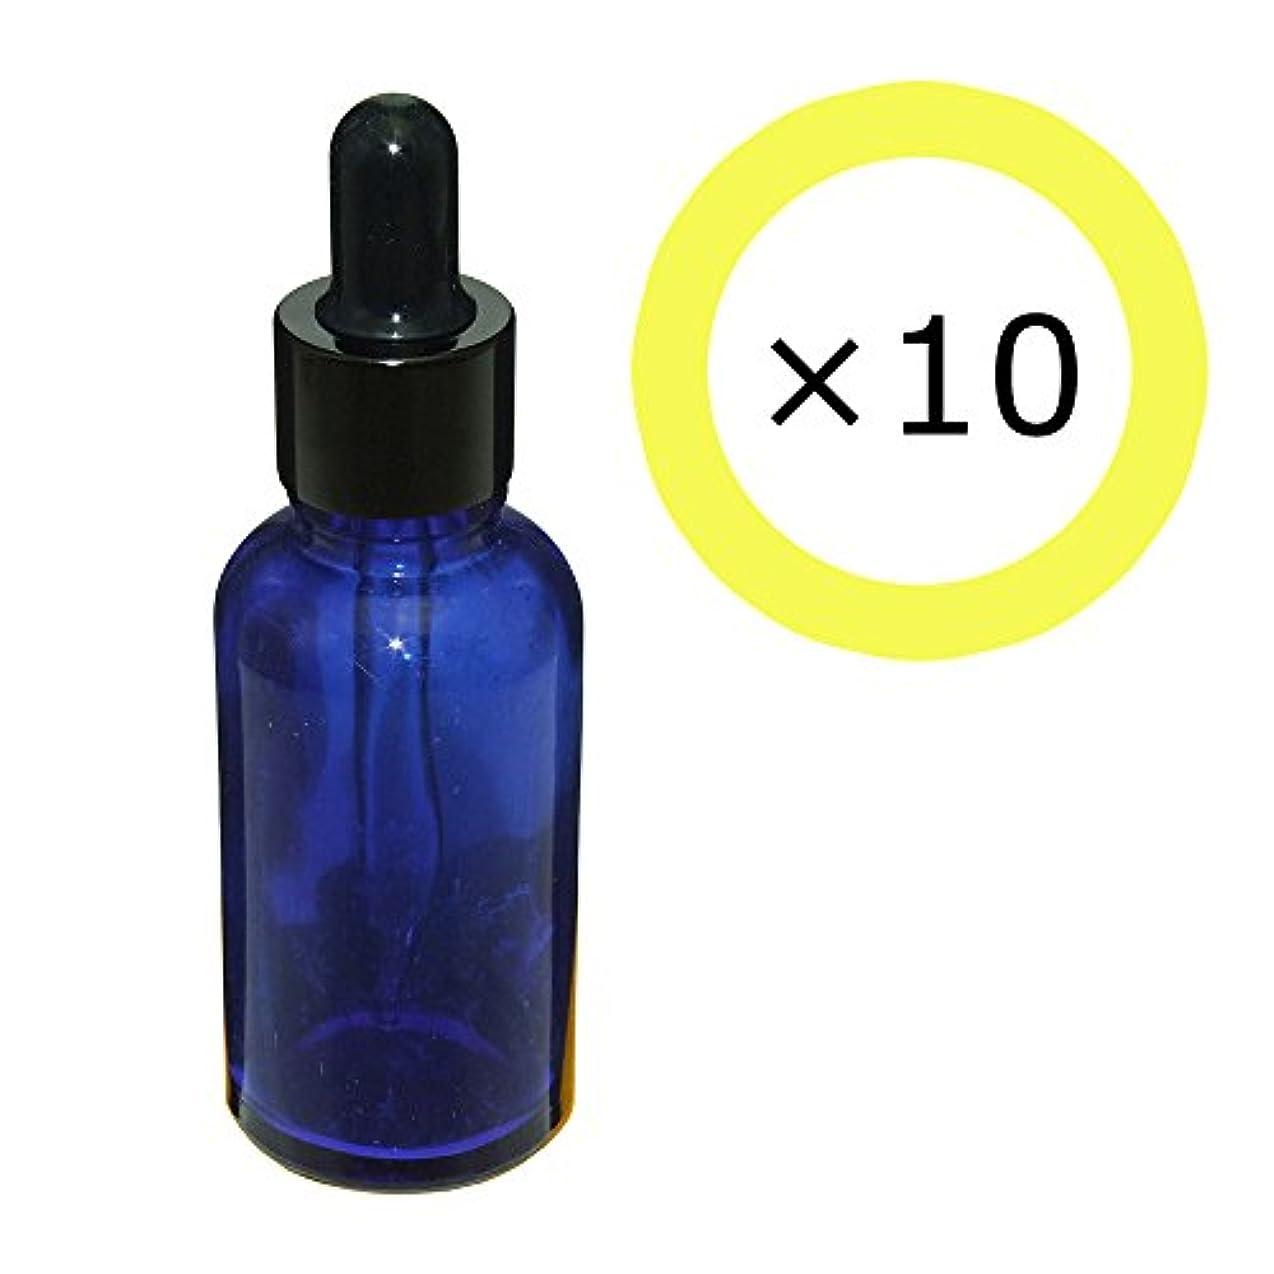 戸口することになっている考案するガレージ?ゼロ 遮光ガラス スポイド瓶 先細タイプ 青 30ml×10個/アロマ保存